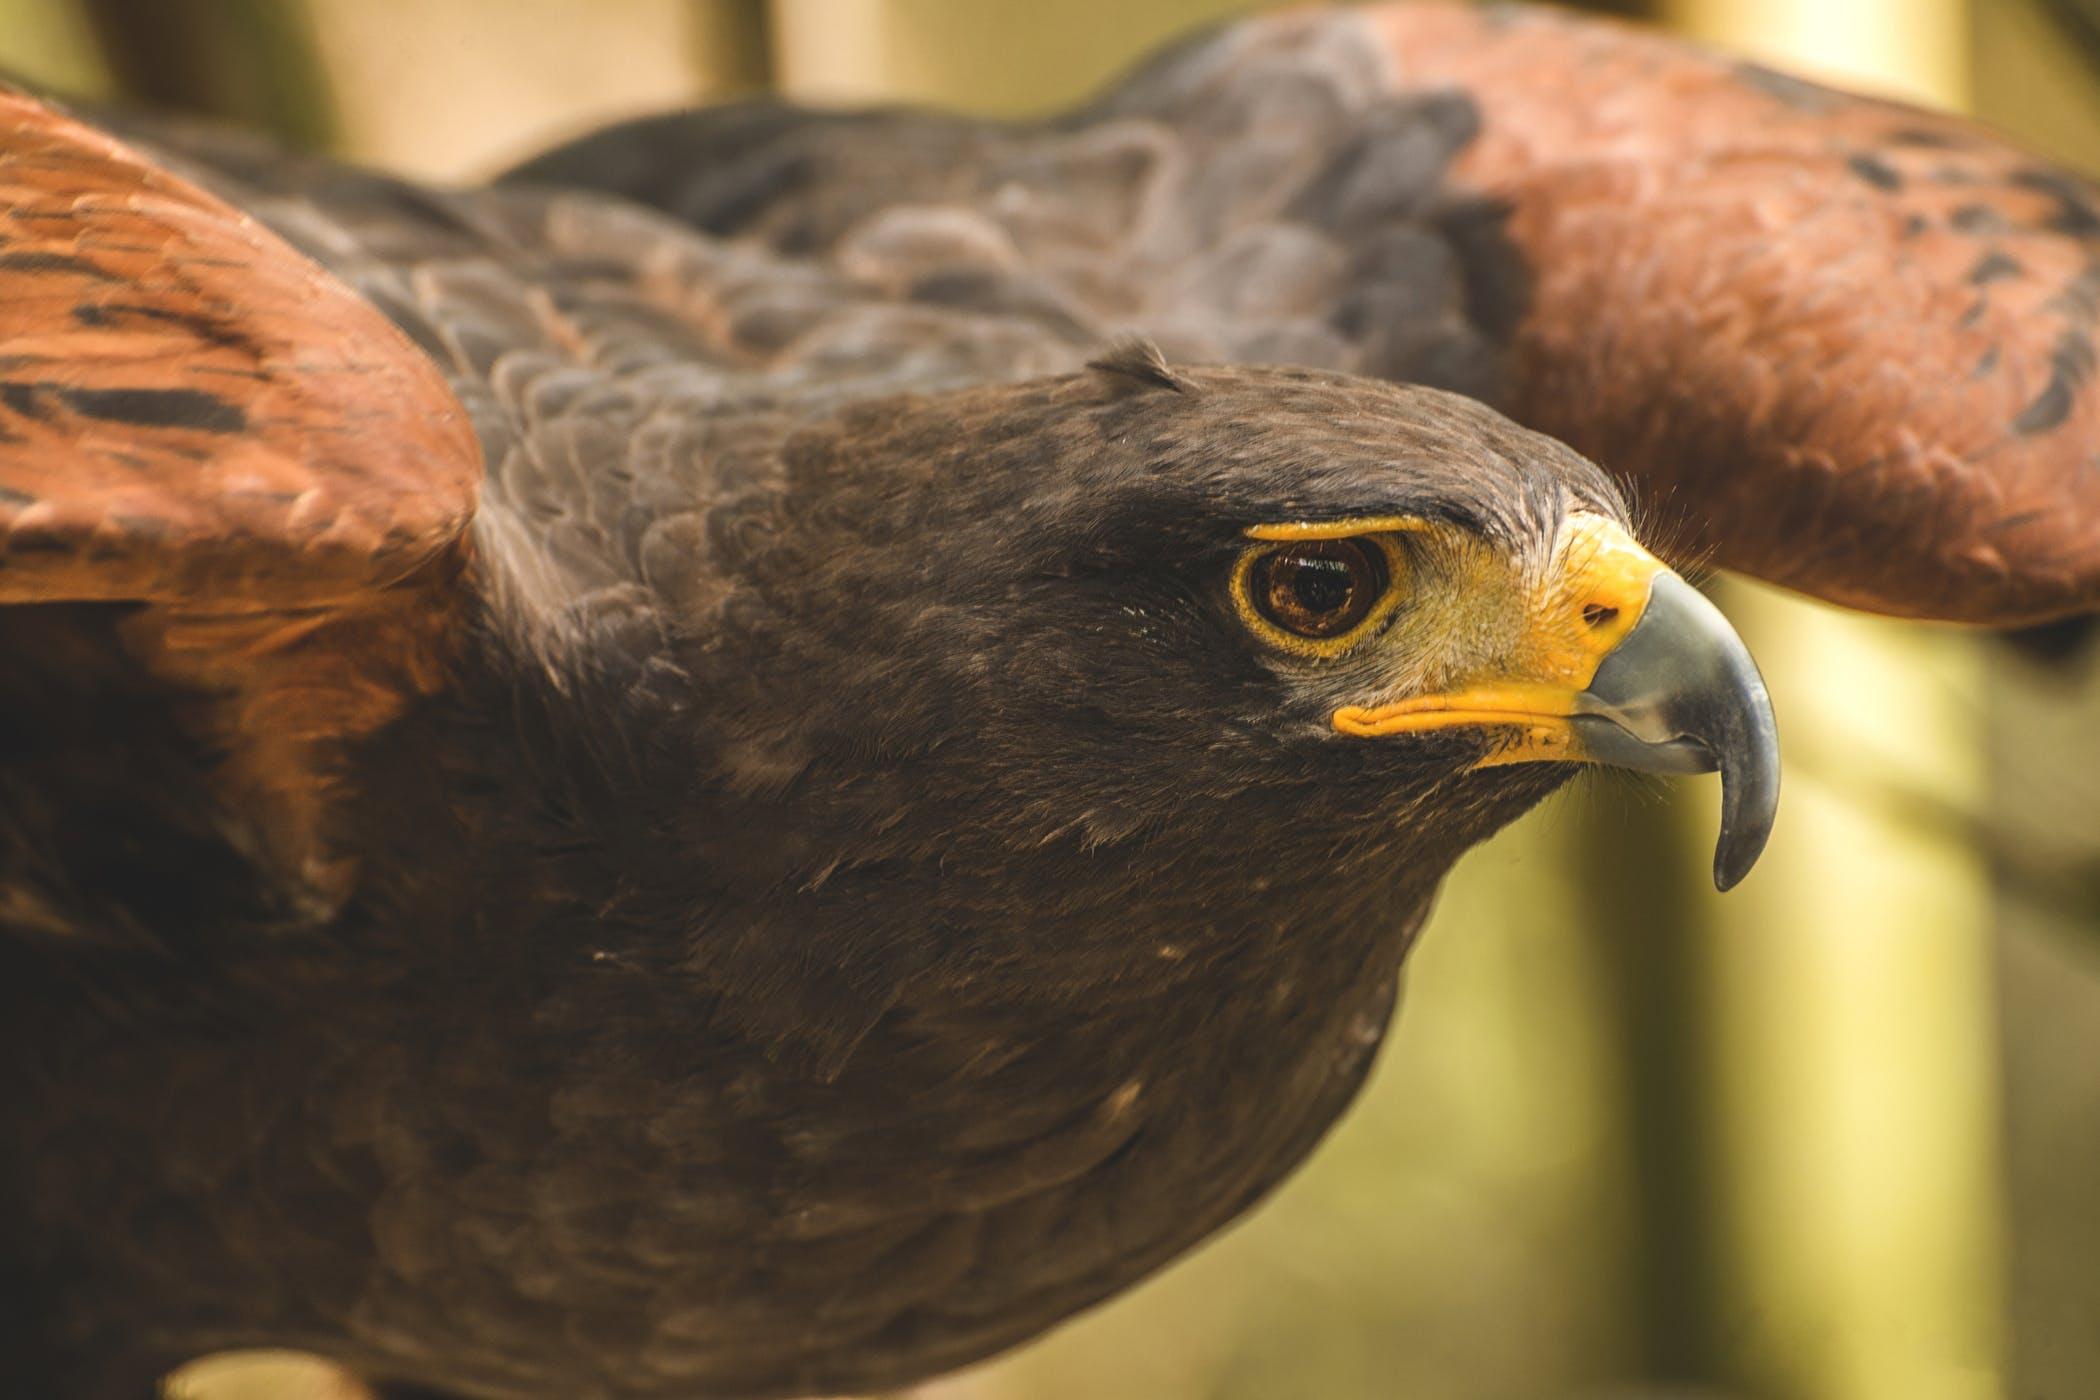 papillomatosis in bird